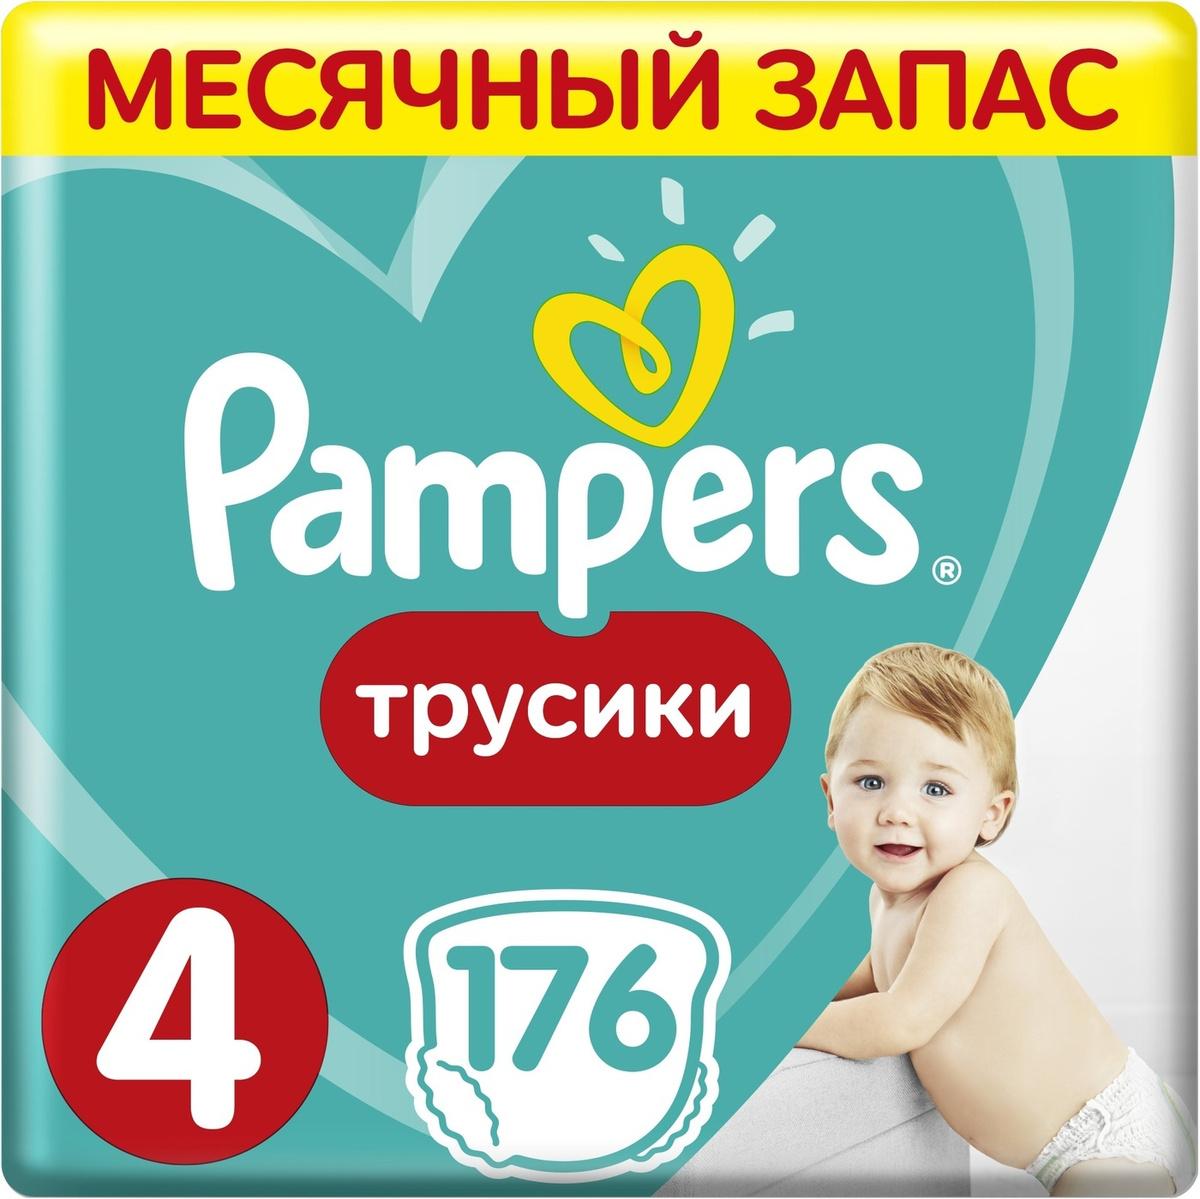 Pampers Трусики Pants 9-15 кг (размер 4) 176 шт #1